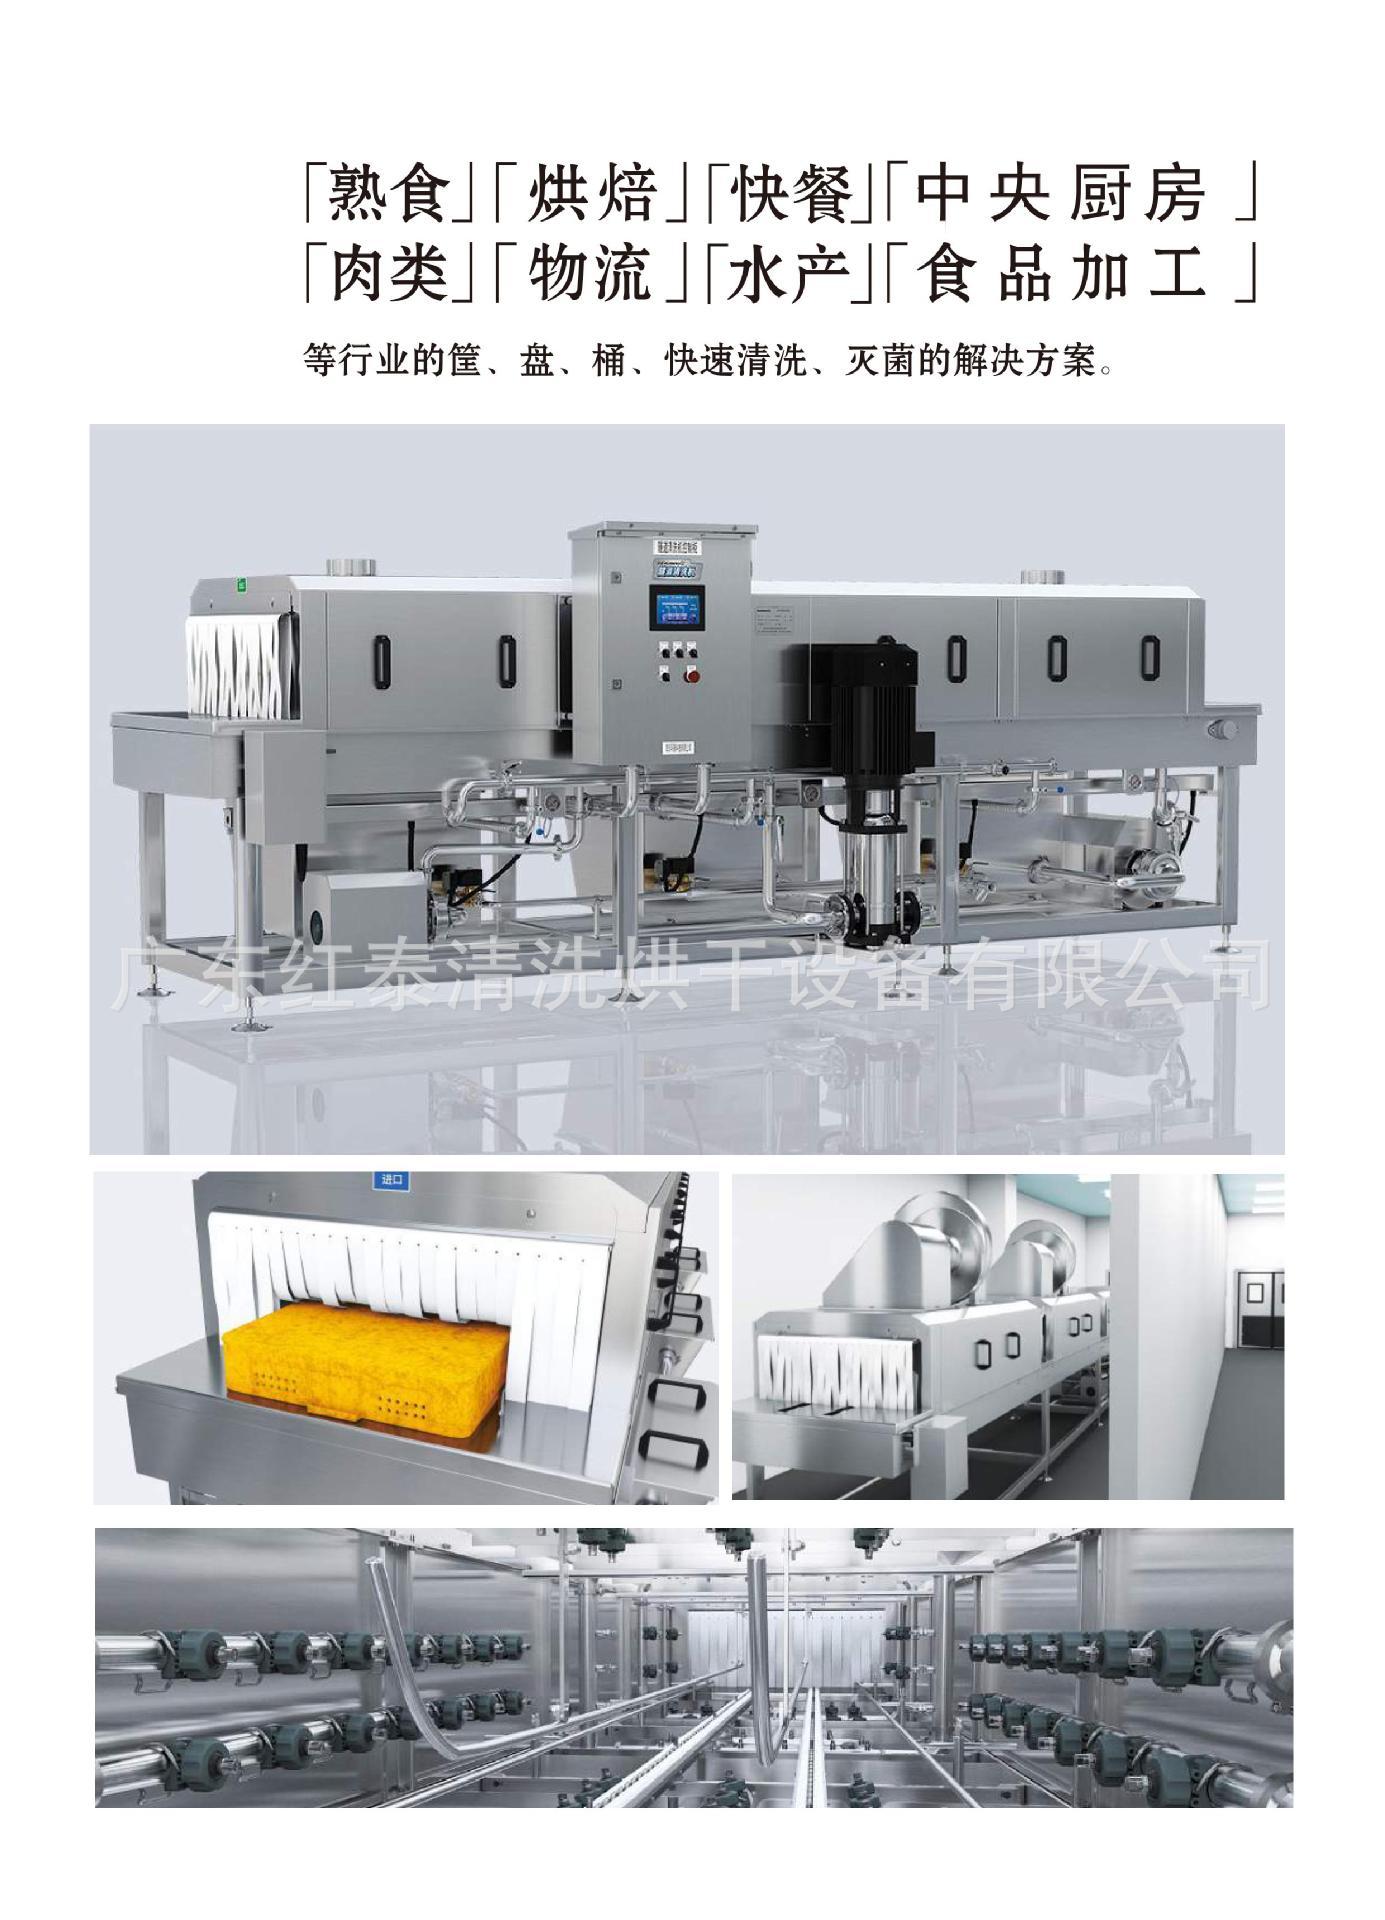 定制高效全自动周转箱清洗机 广州洗箱机厂家定制 10年设计经验示例图4